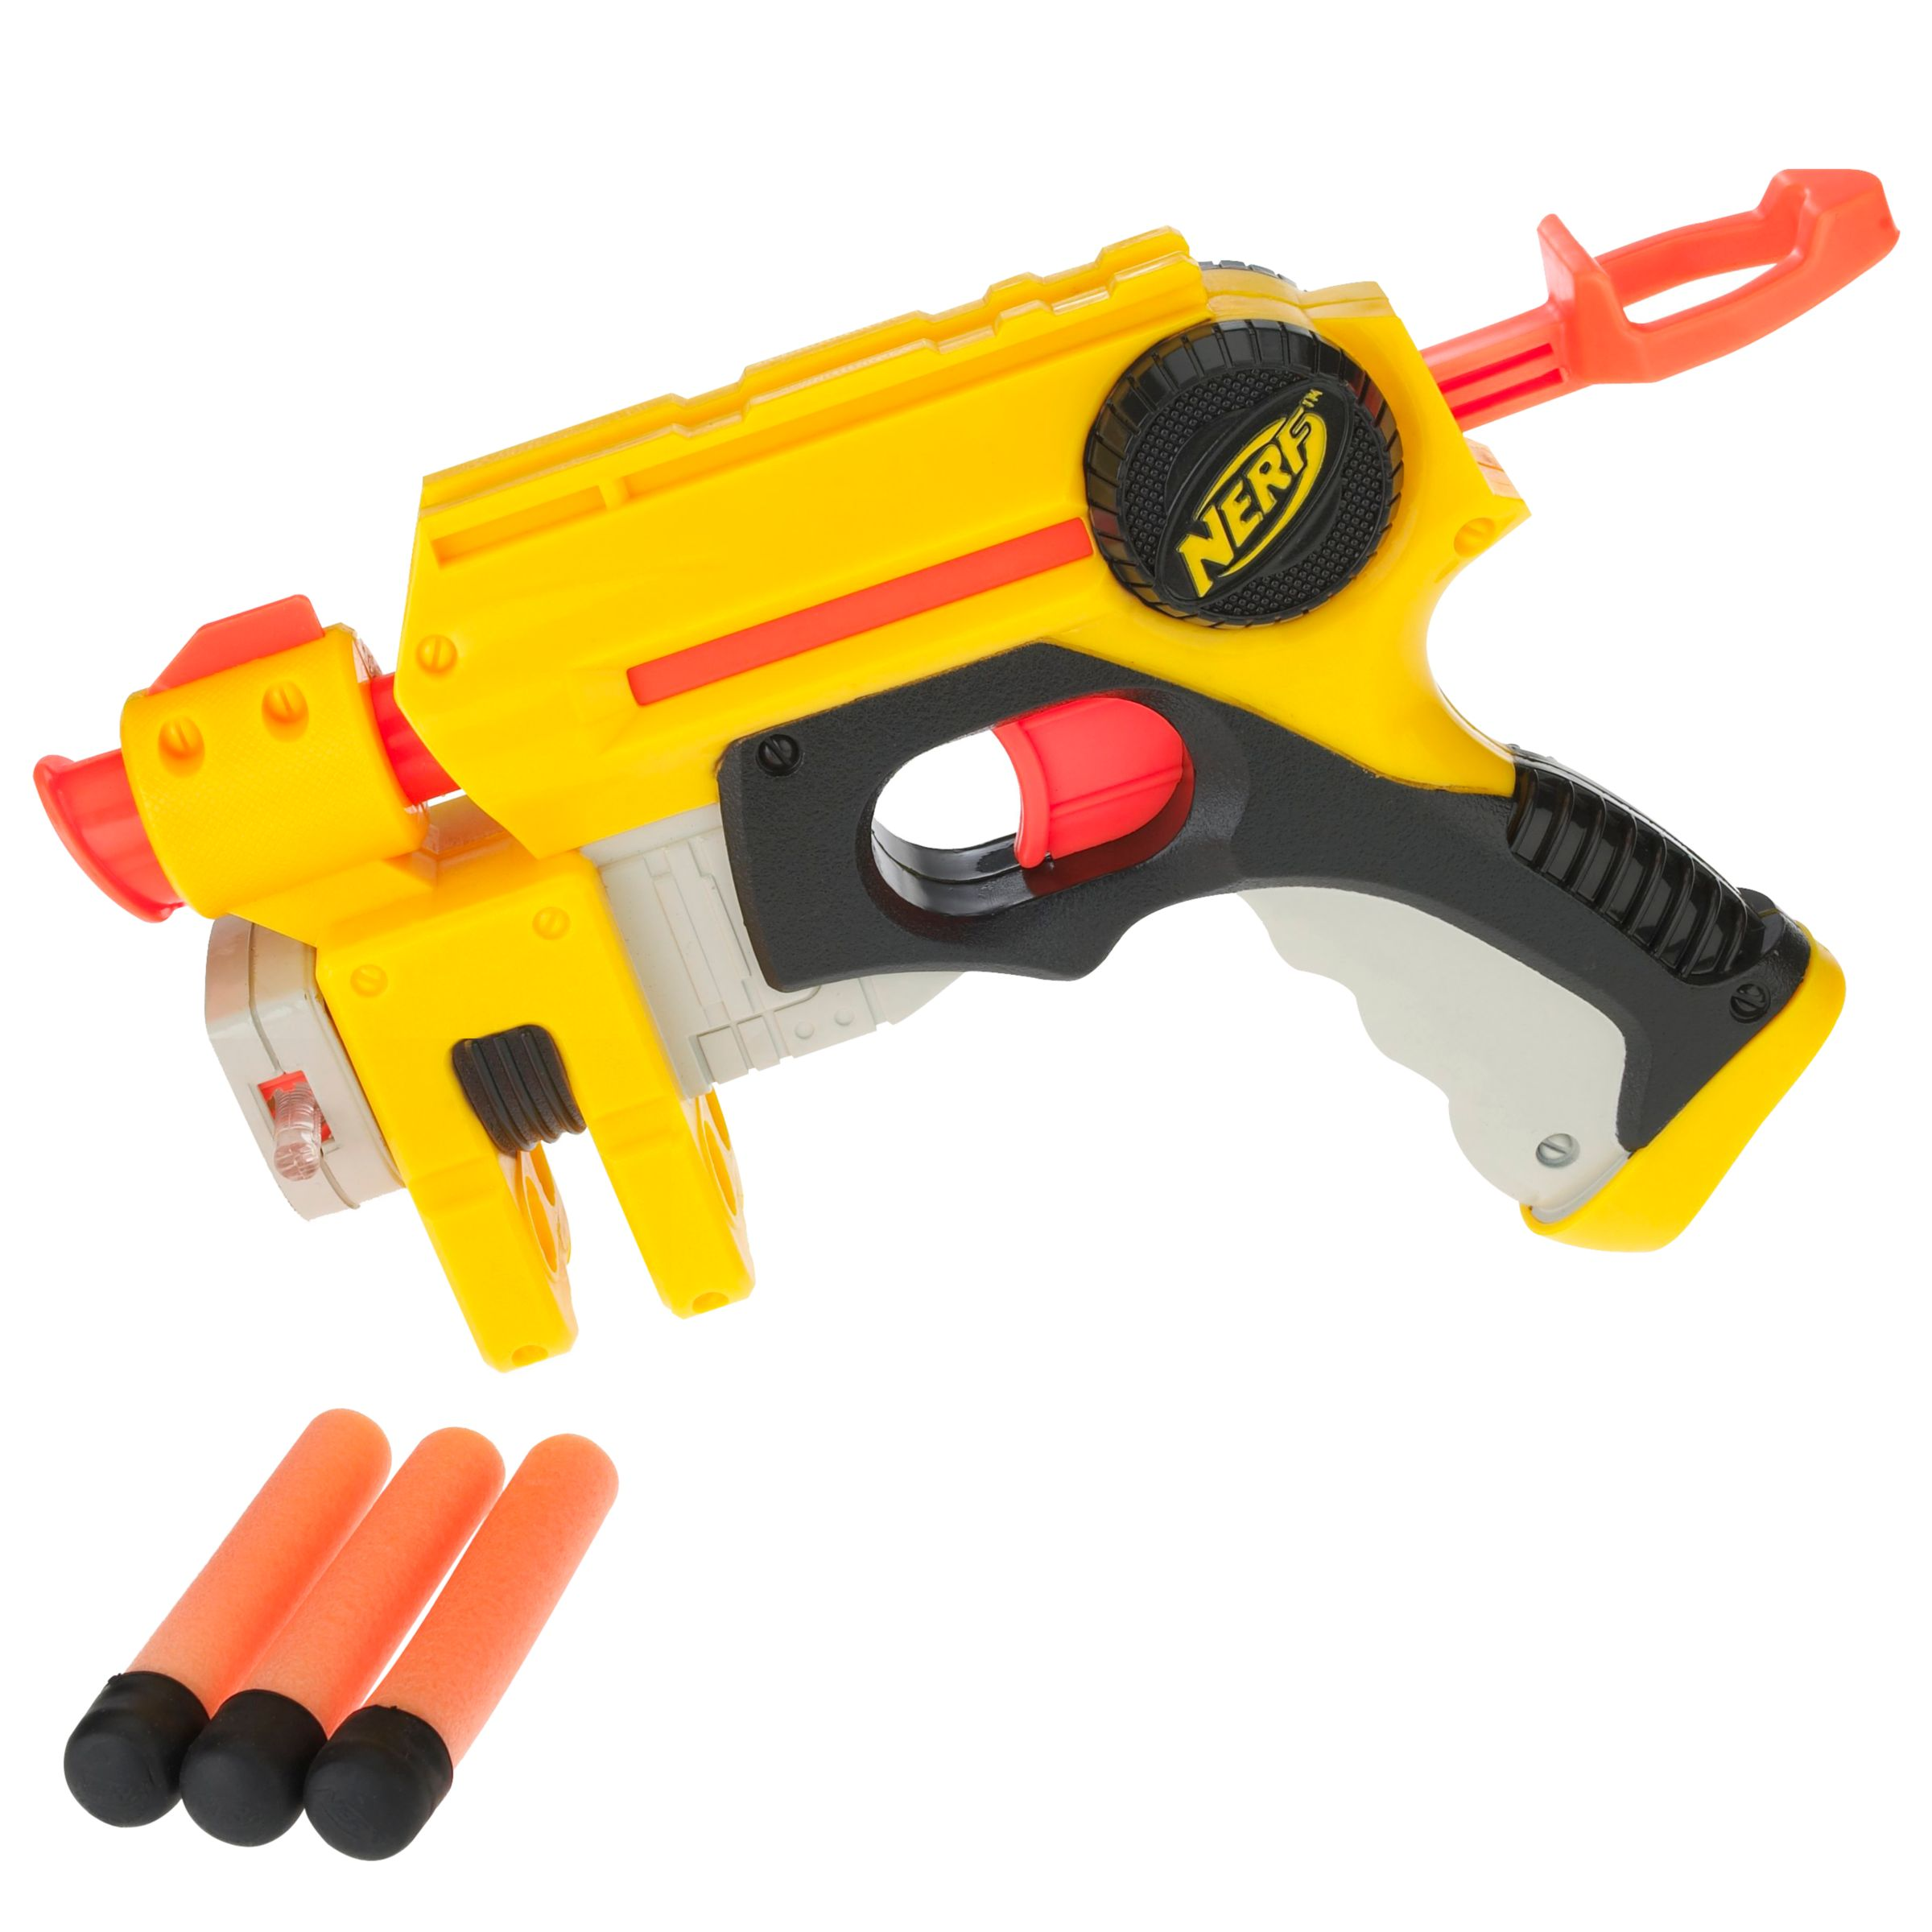 Hasbro Nerf N-Strike Nite Finder Blaster